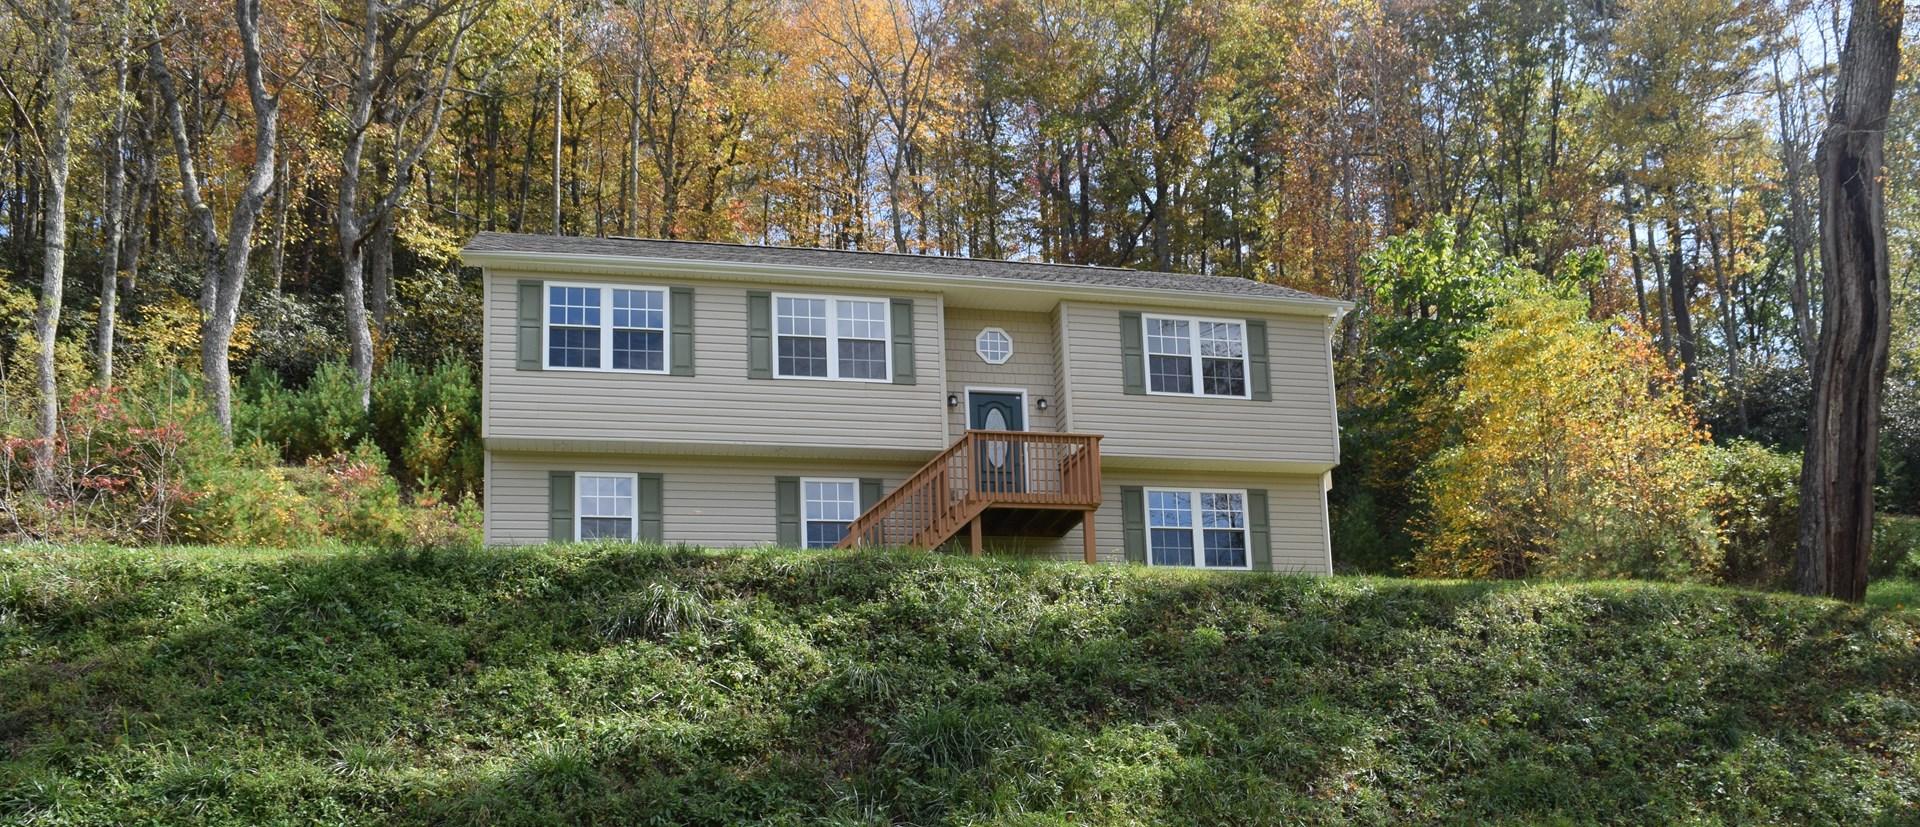 Home for Sale in Copper Hill VA!